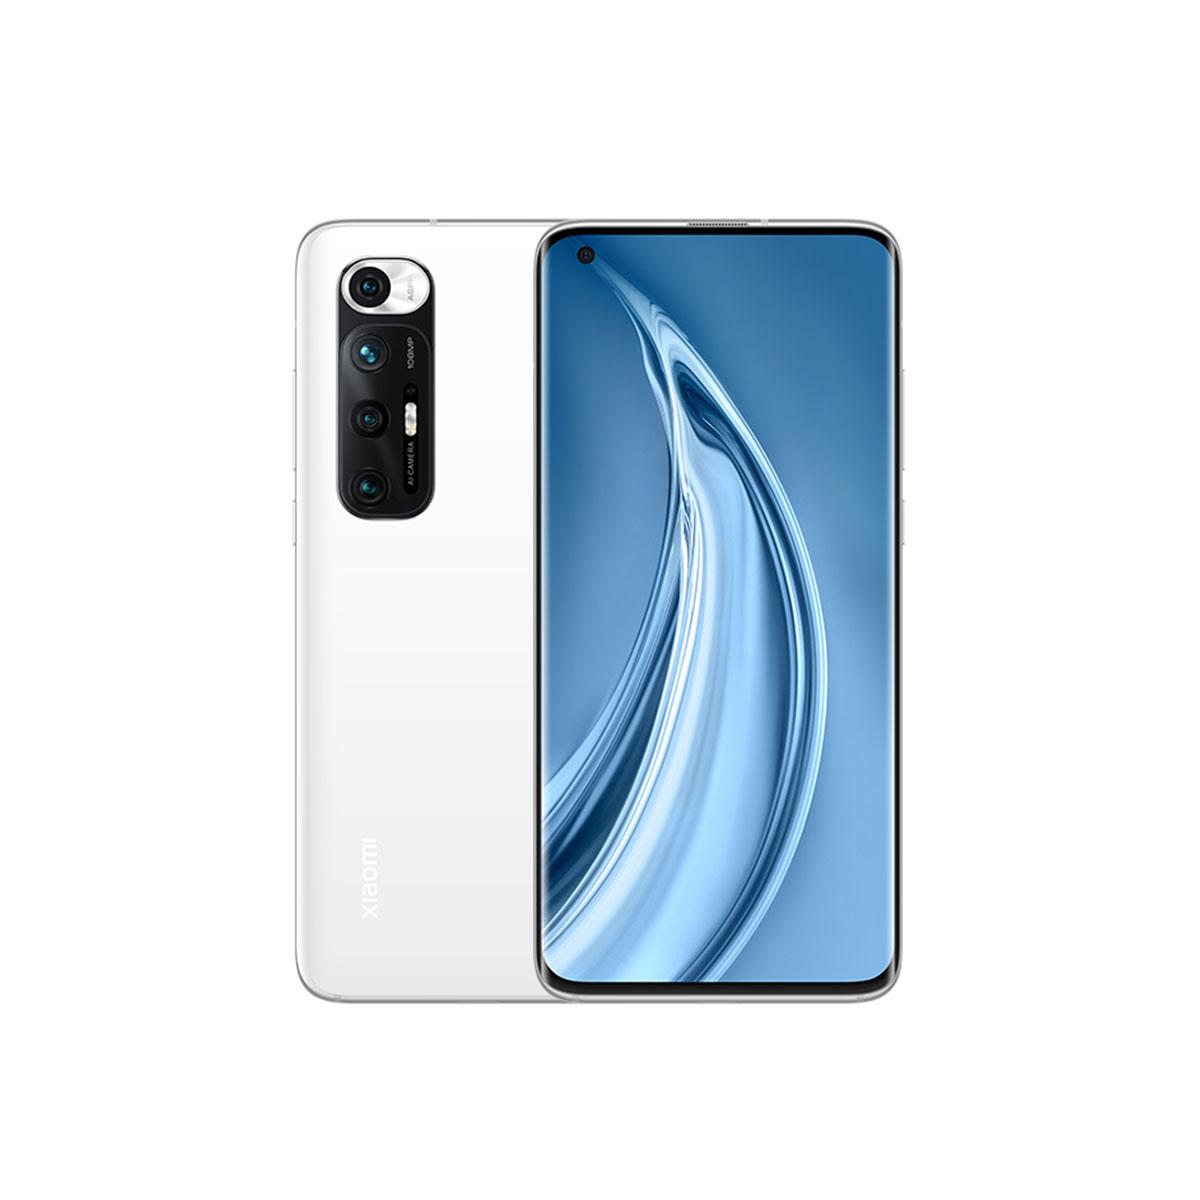 MI 小米 10S 骁龙870一亿像素 旗舰手机(无充电器、数据线)